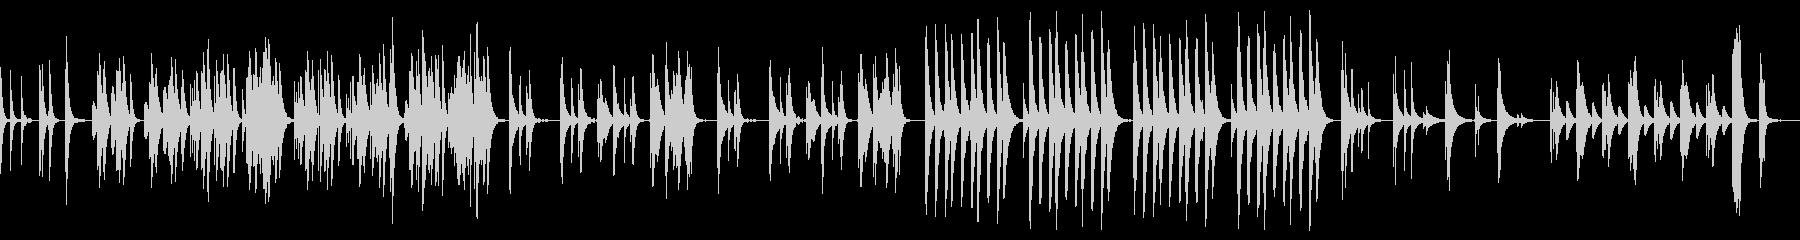 Marimba Lifeの未再生の波形